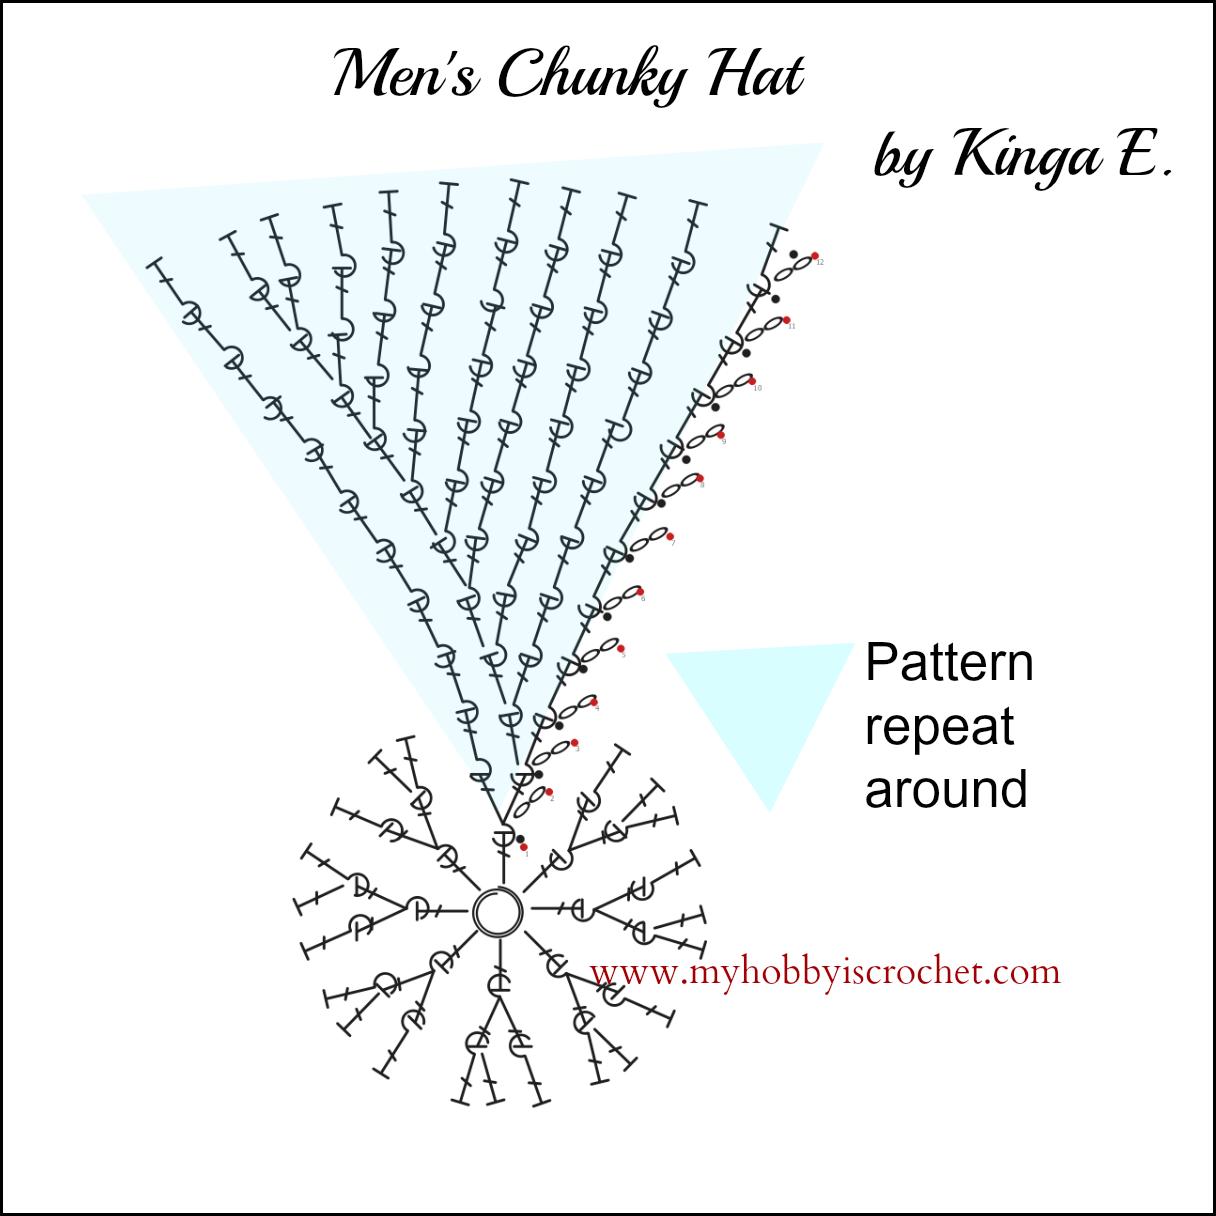 My Hobby Is Crochet: Men\'s Chunky Hat - Free crochet pattern ...